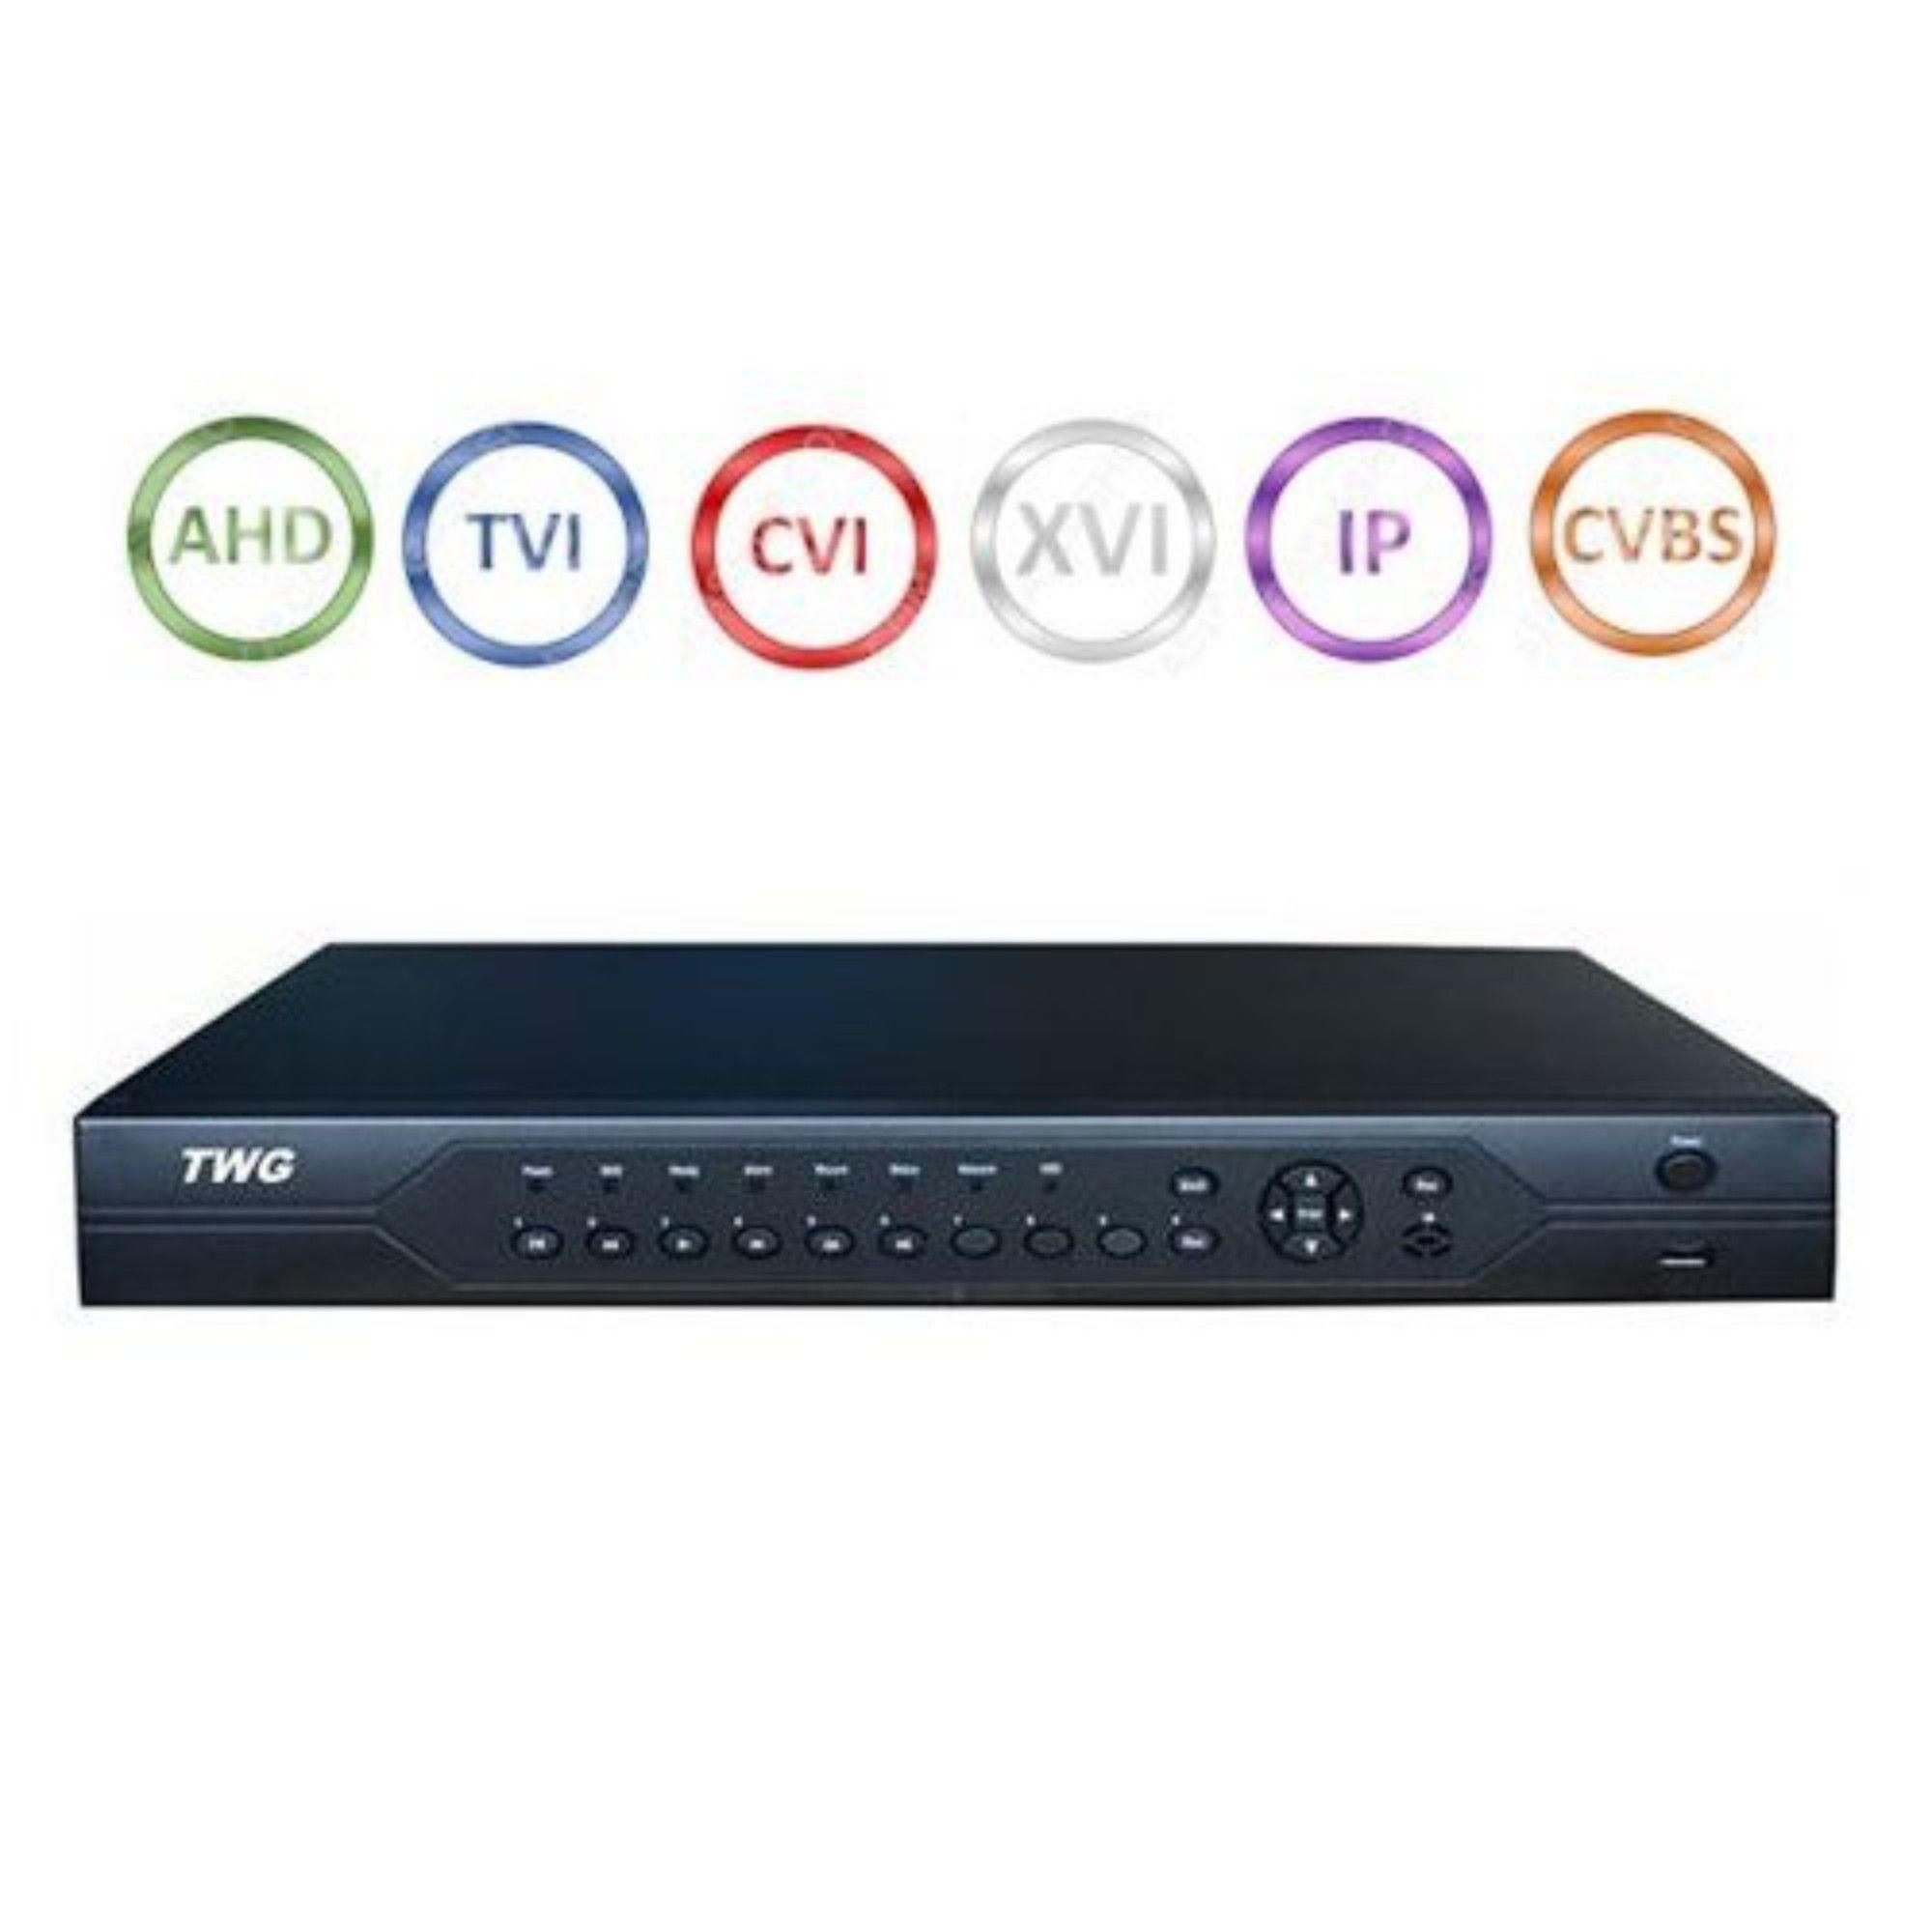 DVR Stand Alone 32 Canais Giga Full HD 5 em 1